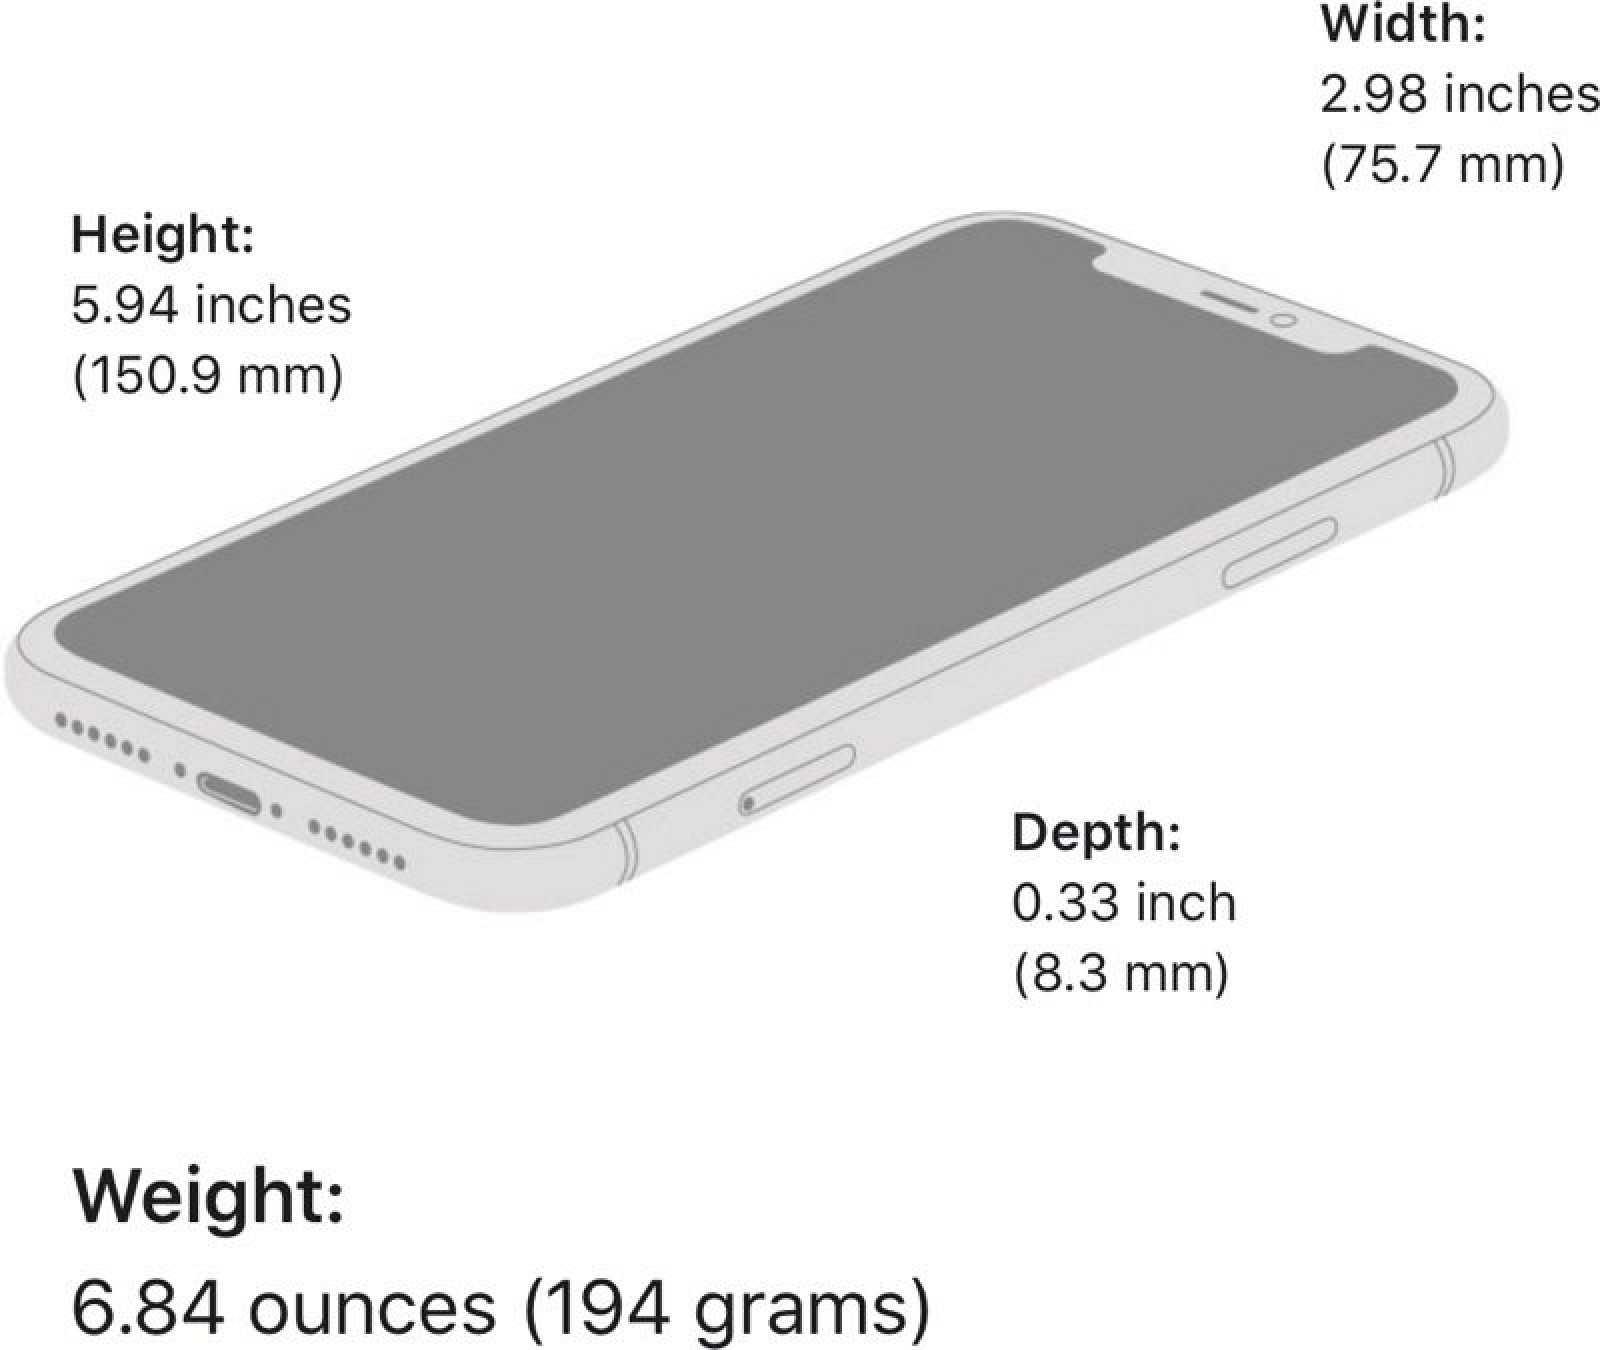 После презентации телефона Mi 2S в сторону Xiaomi последовало много негативных высказываний на предмет небольшого ассортимента беспроводных зарядок Спустя некоторое